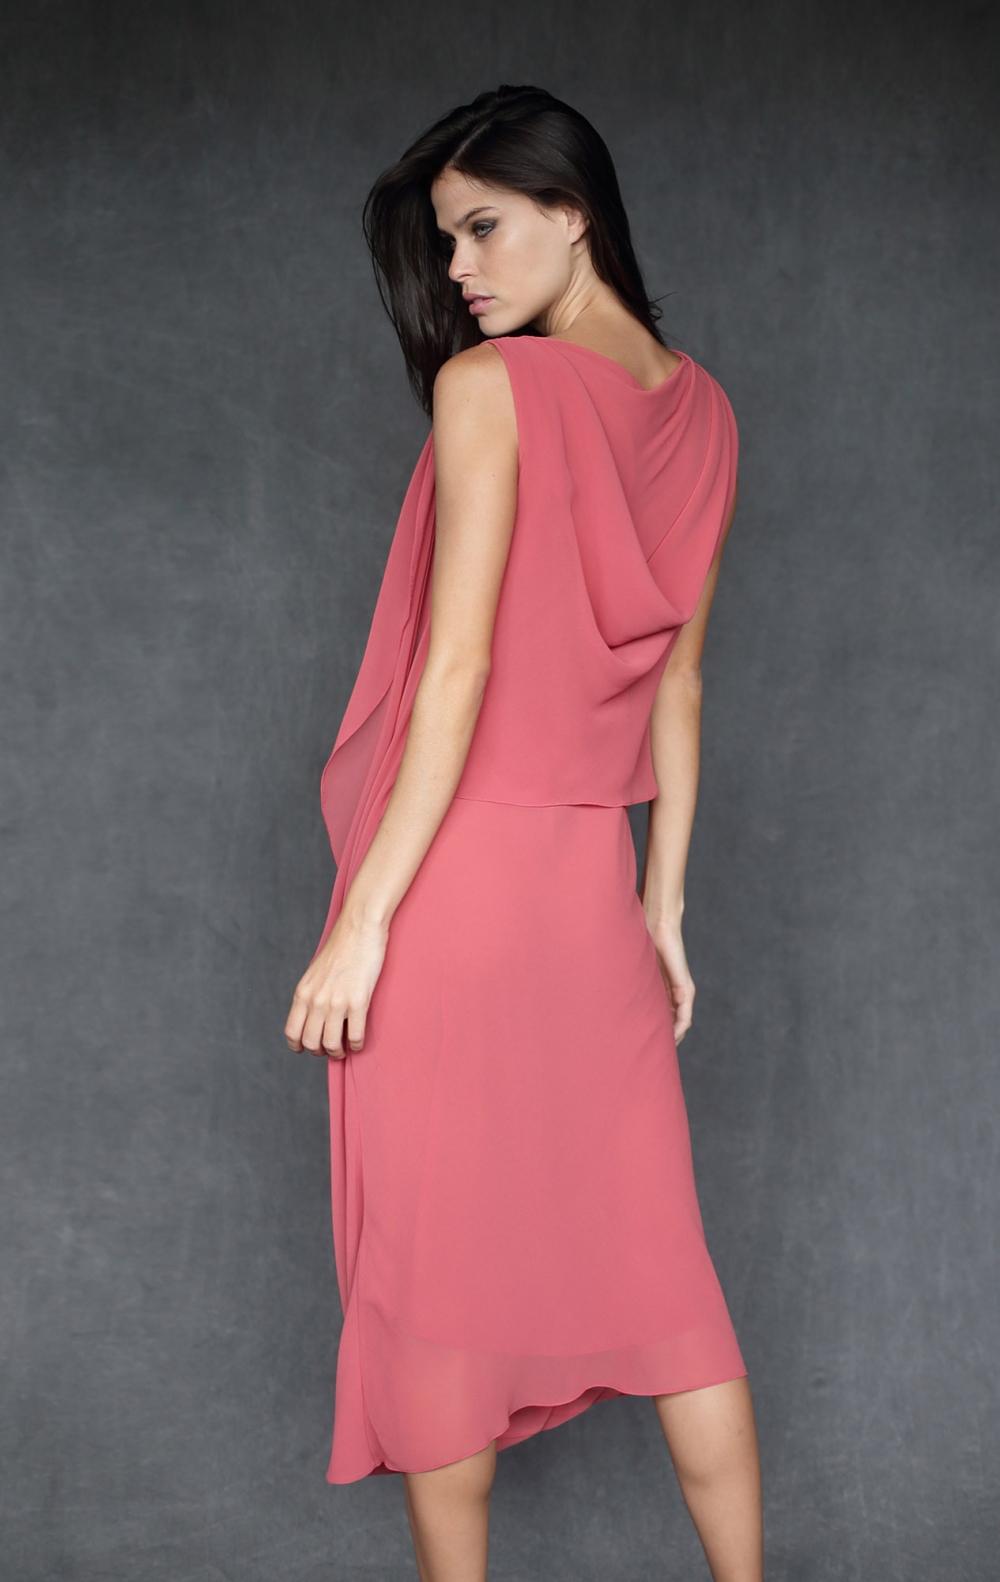 Vestido Anna Lichia  - Foto 2